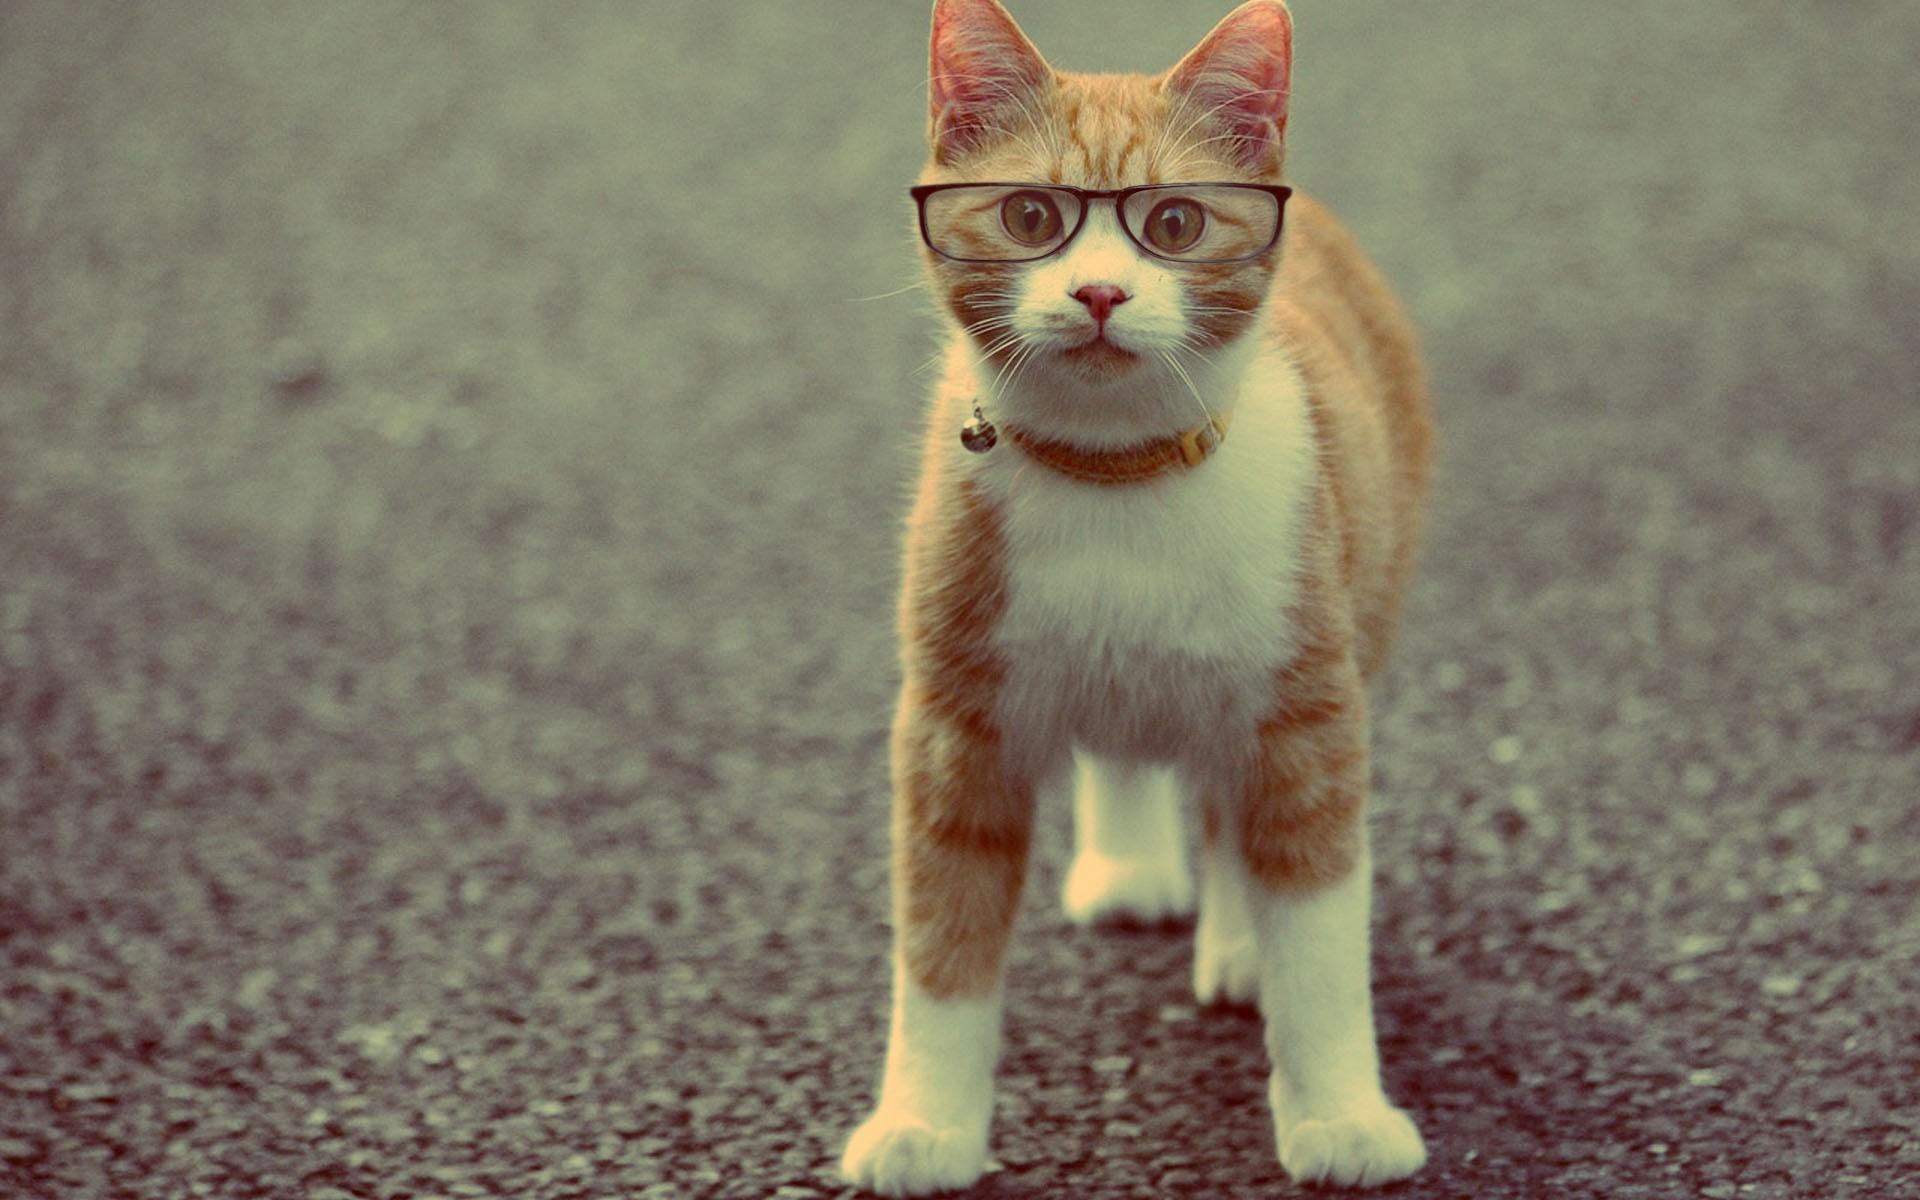 free cat wallpaper and screensavers - wallpapersafari